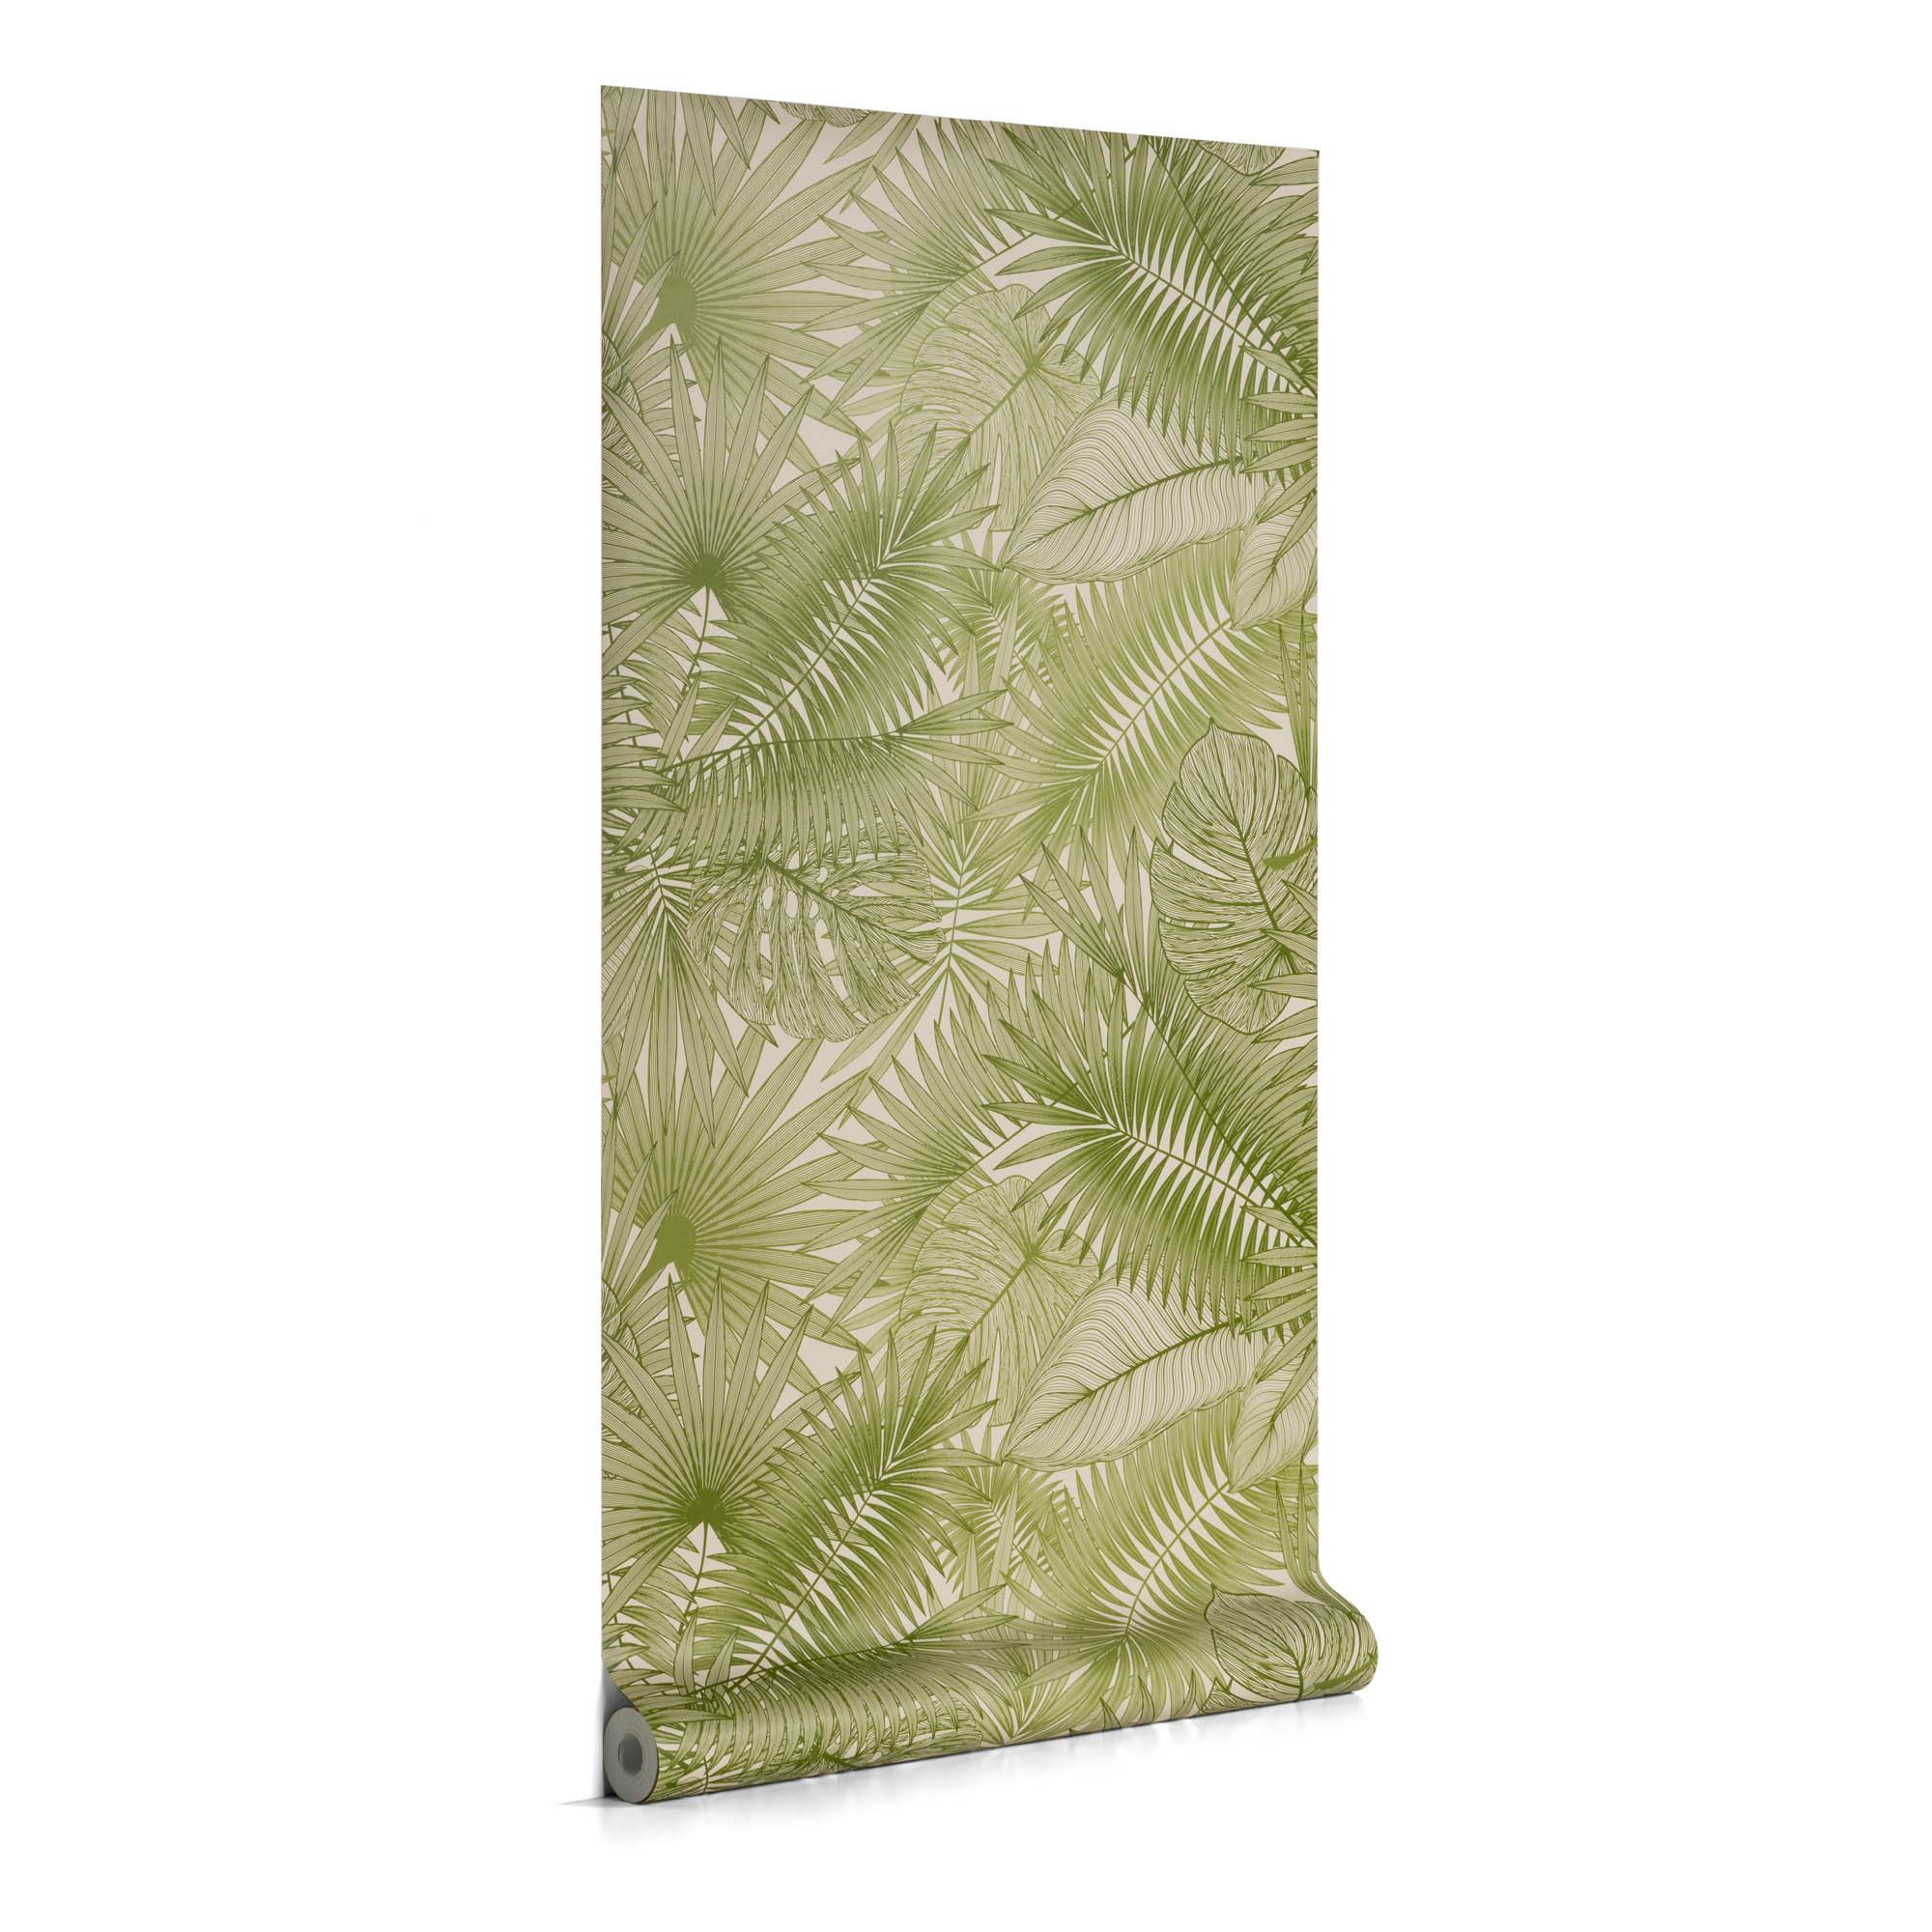 Kave Home - Tropic 10 x 0,53 m Tapete, grün | Baumarkt > Malern und Tapezieren > Tapeten | Kave Home